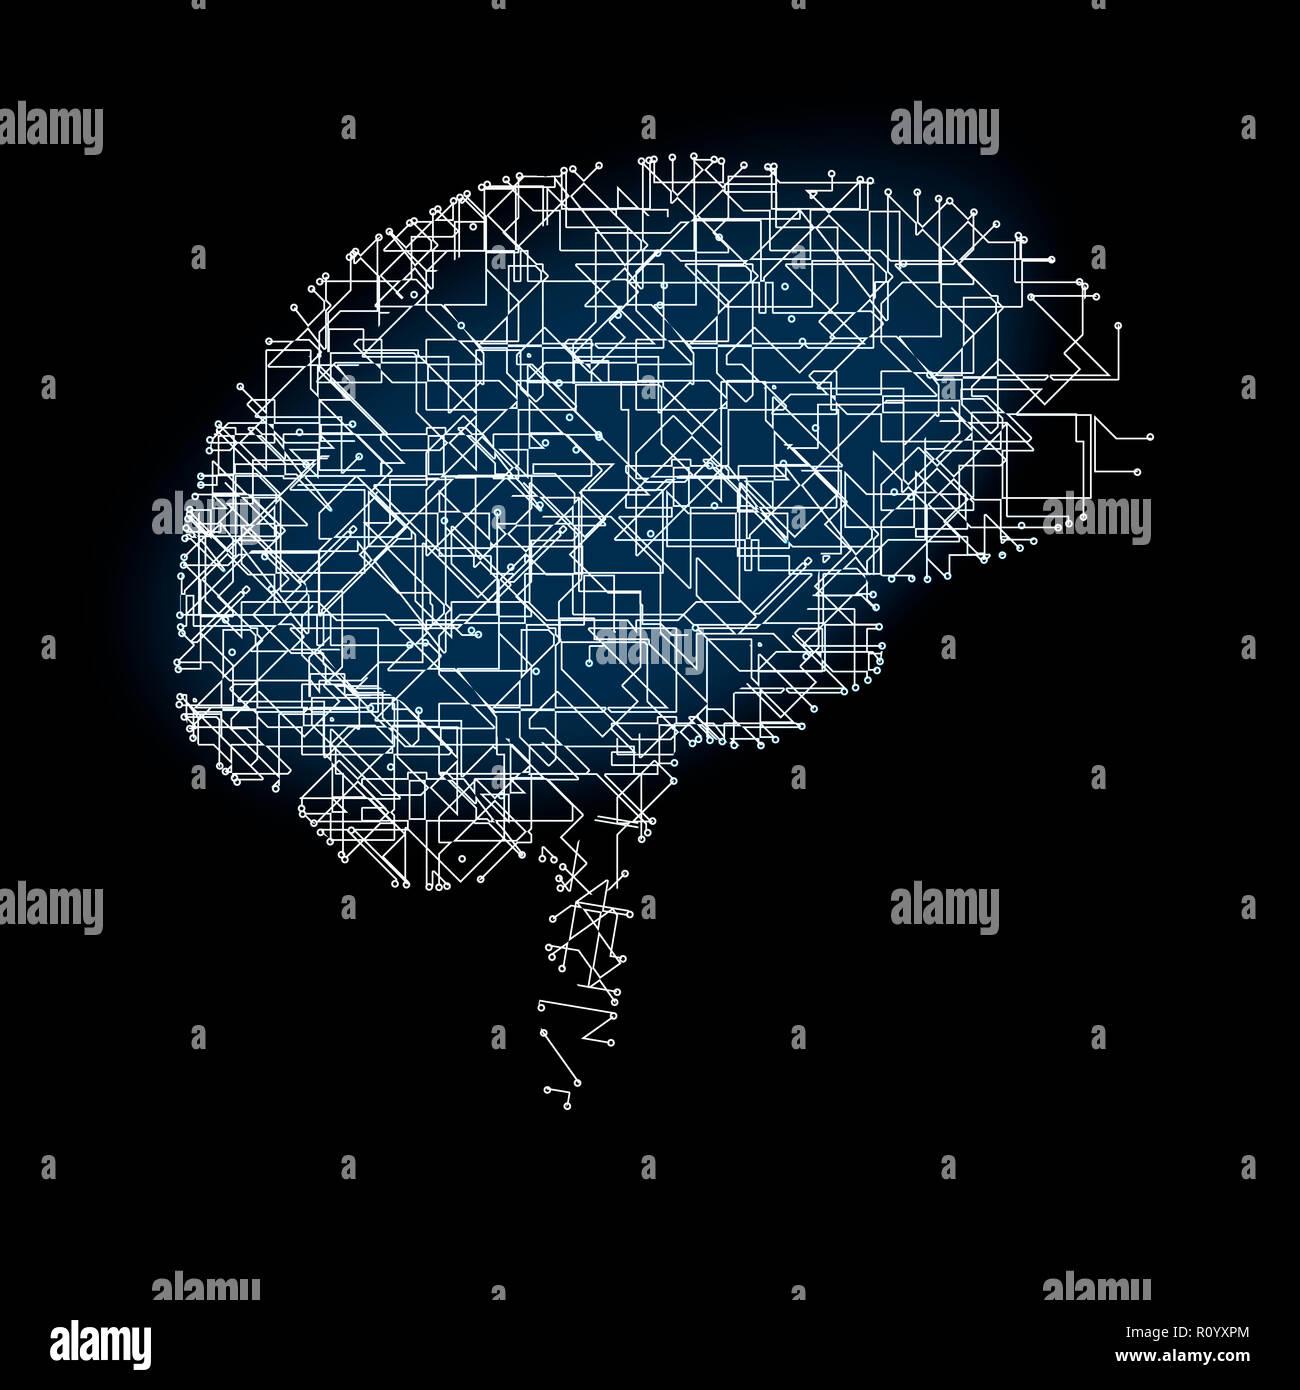 Imagen Digital de anatomía del cerebro humano artificial de redes contra fondo negro Imagen De Stock